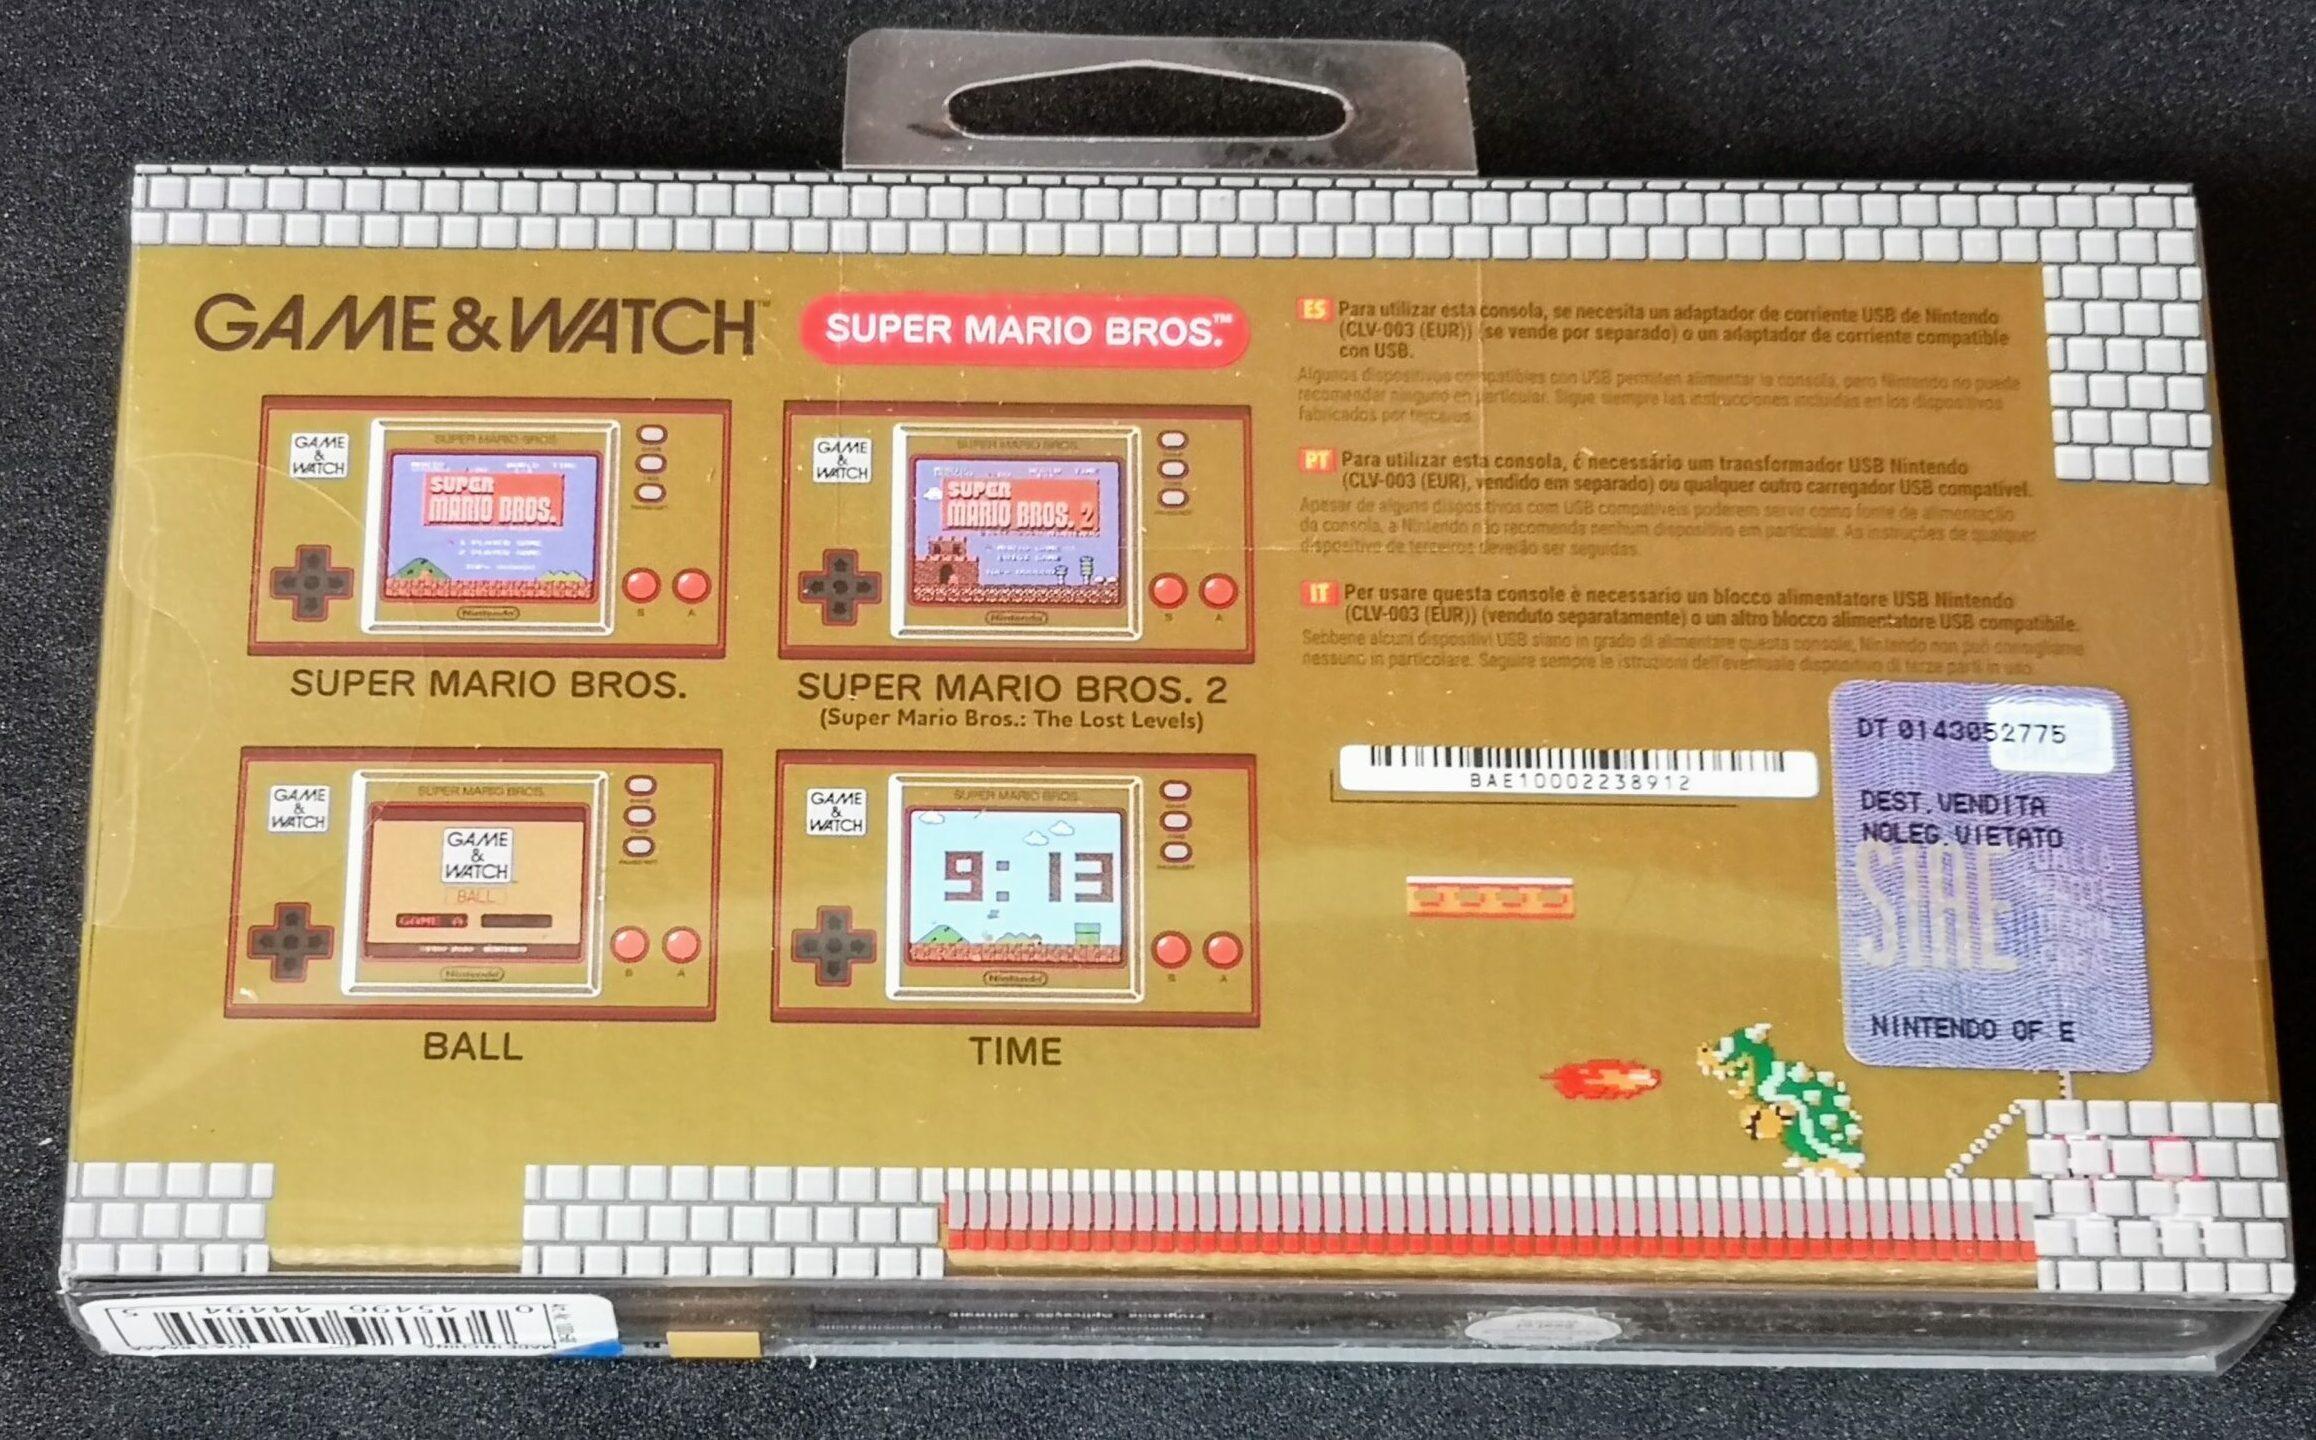 Game & Watch: Super Mario Bros. (nuovo), confezione retro